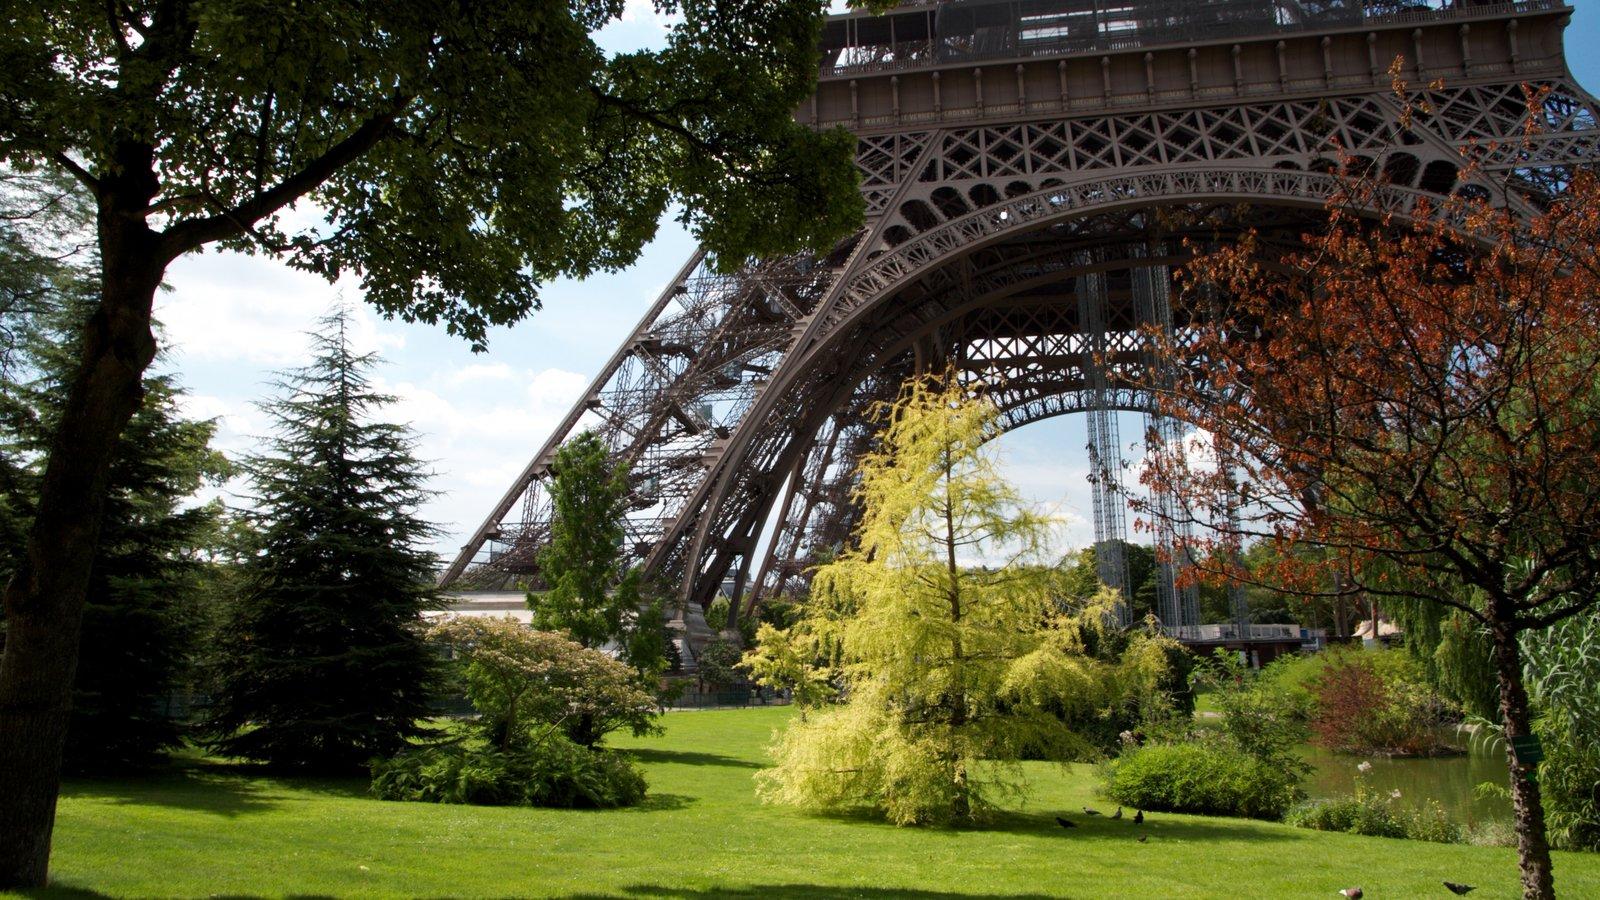 Torre Eiffel mostrando um jardim e um monumento